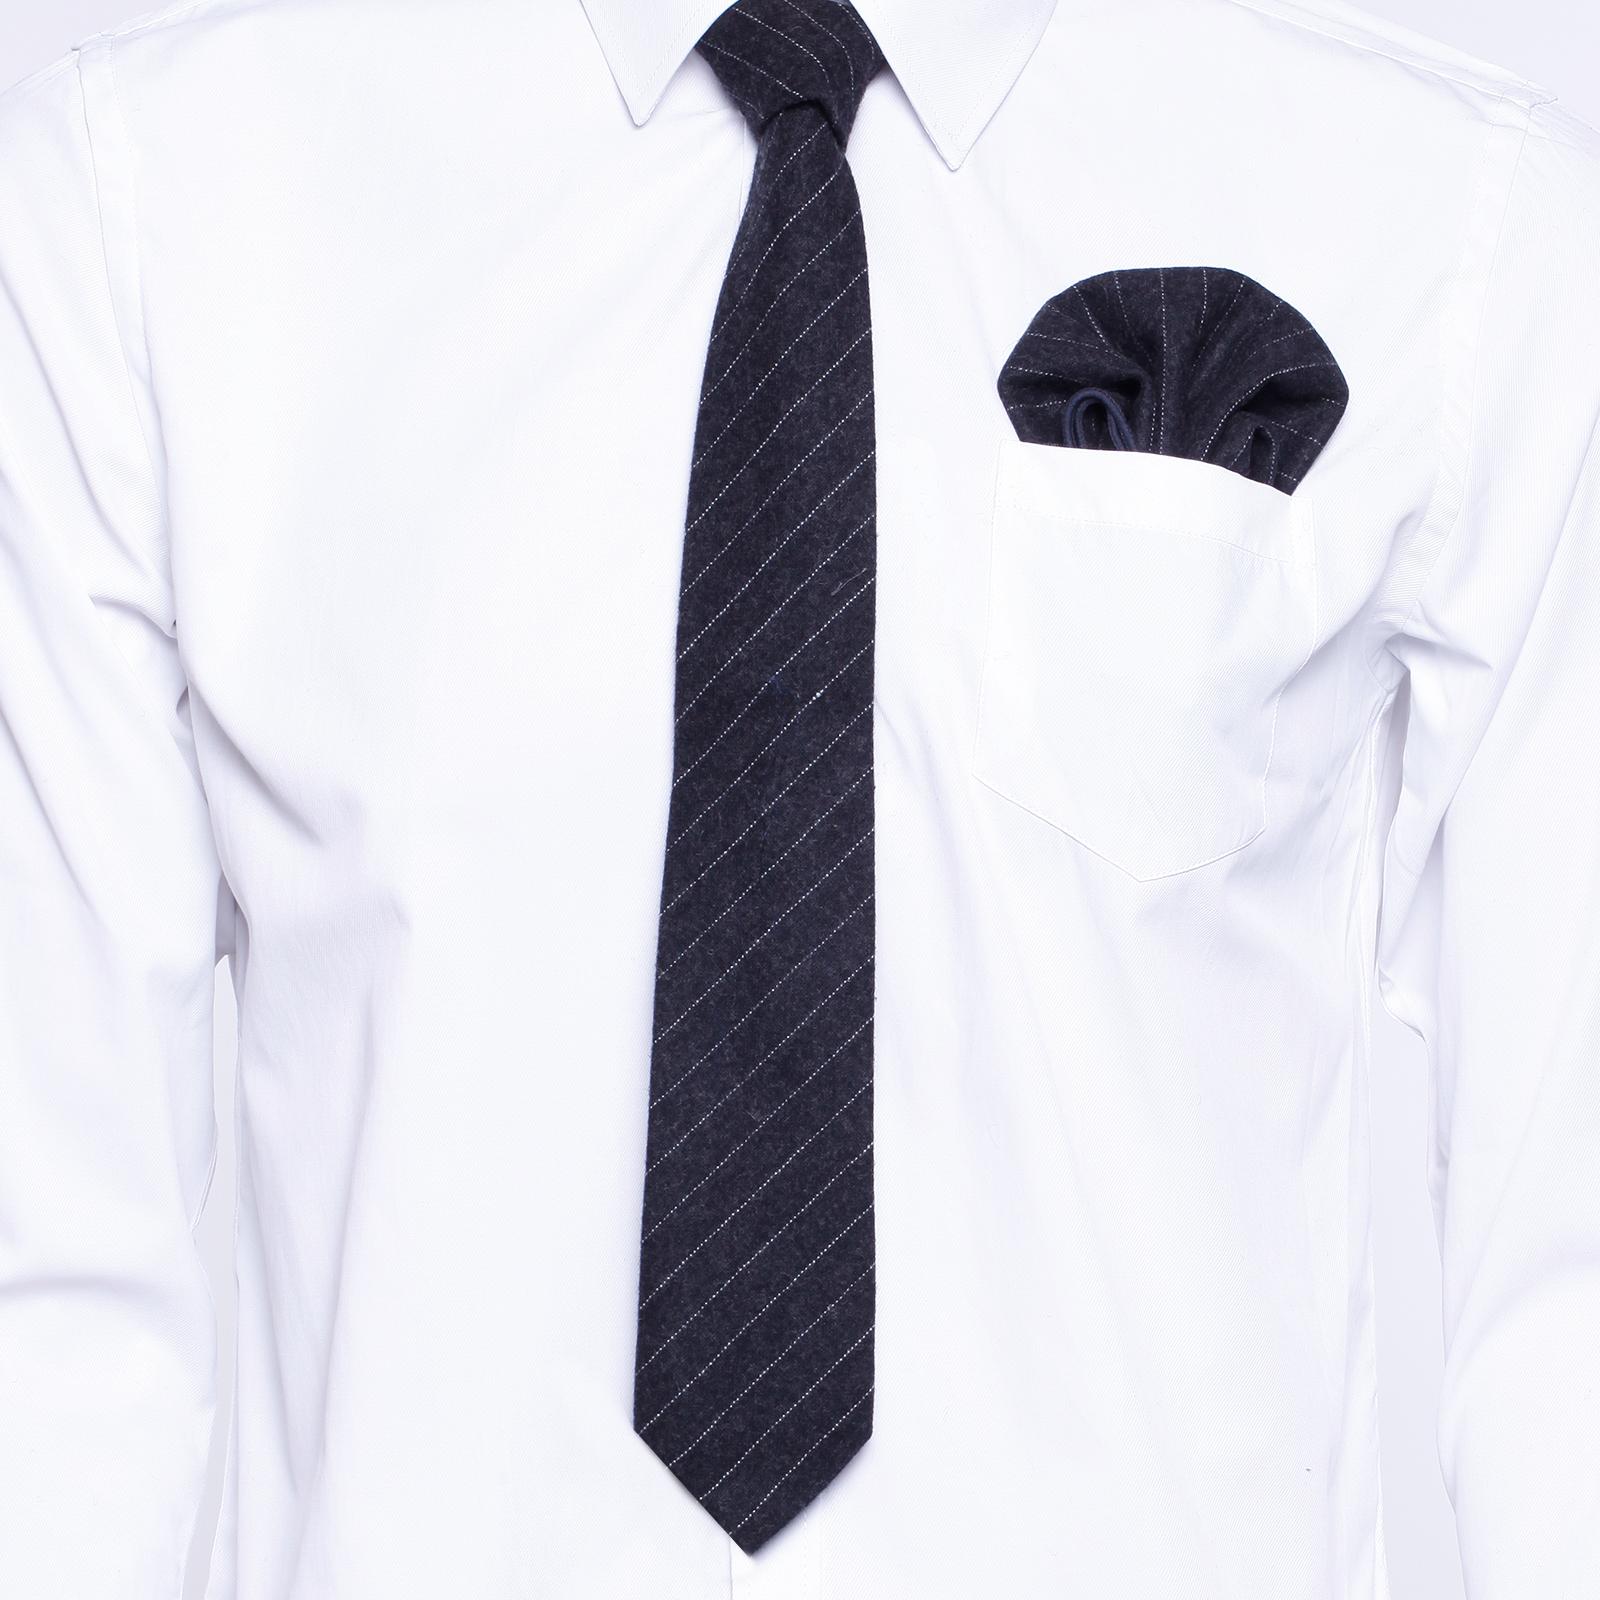 Piegare Pochette Uomo Matrimonio : Cravatta classica pochette fazzoletto da taschino uomo